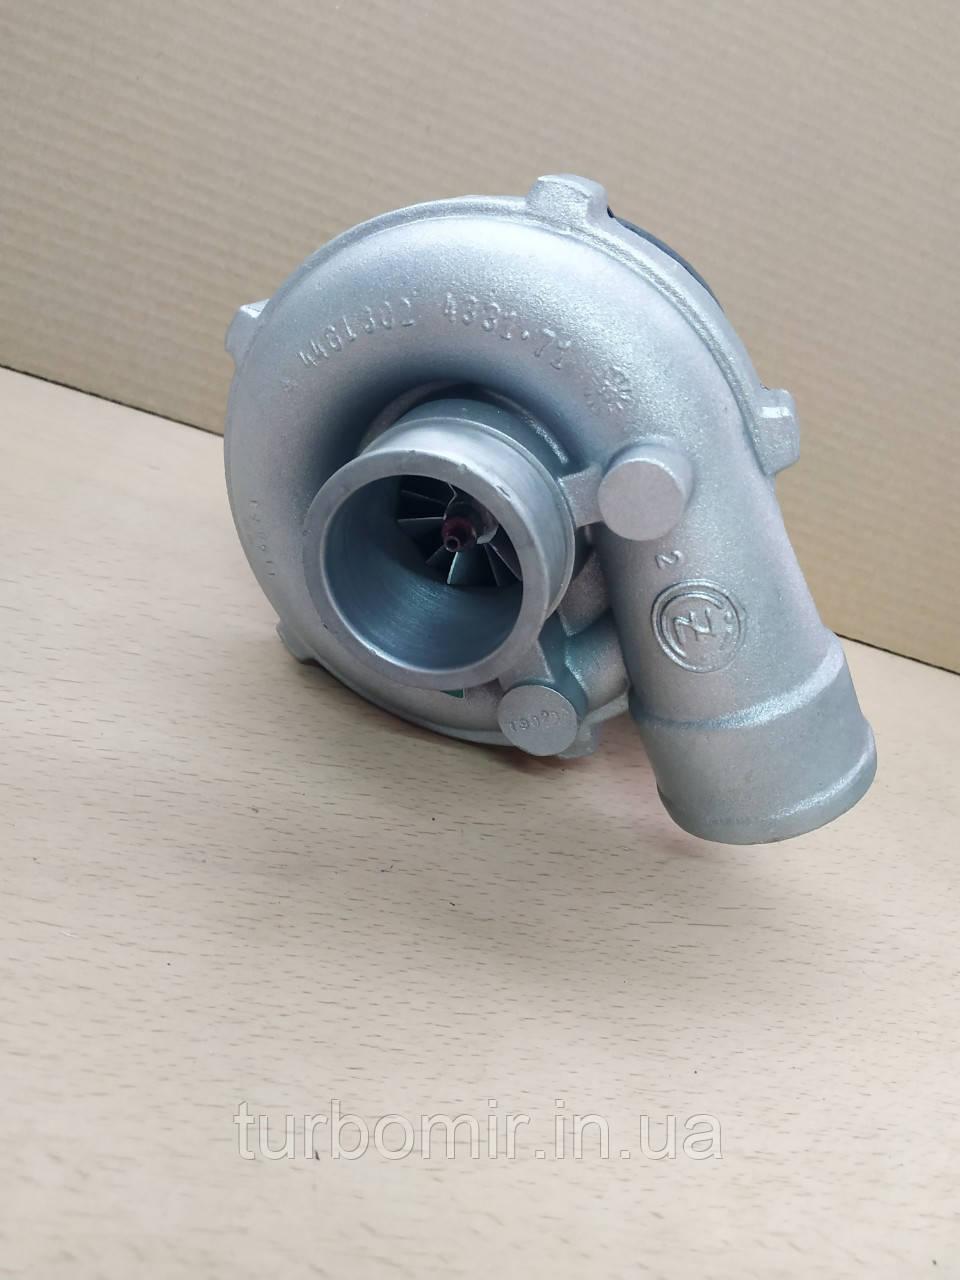 Турбокомпрессор (турбина) С13-04-01(двигатель ГАЗ-5441 )